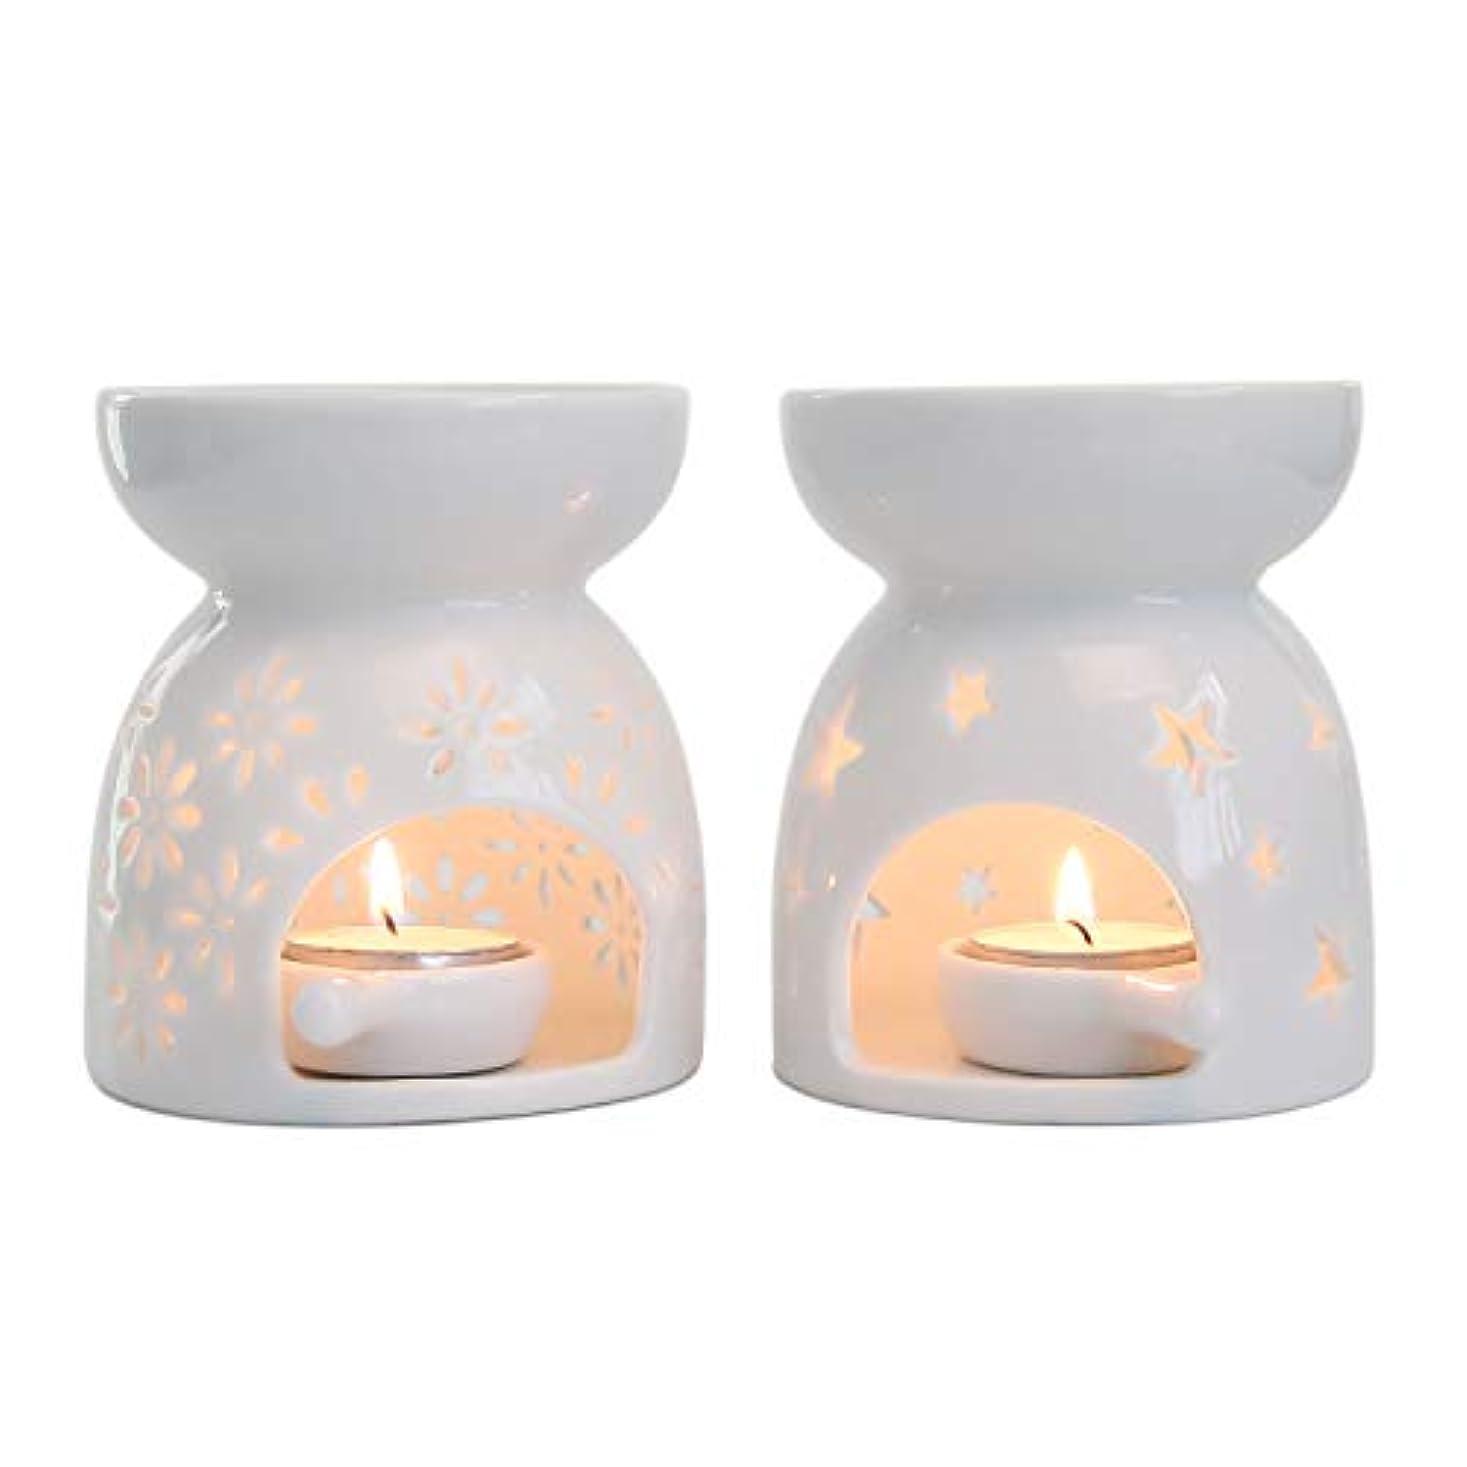 大人変更可能に向かってRachel's Choice 陶製 アロマ ランプ ディフューザー アロマキャンドル キャンドルホルダー 花形&星形 ホワイト 2点セット